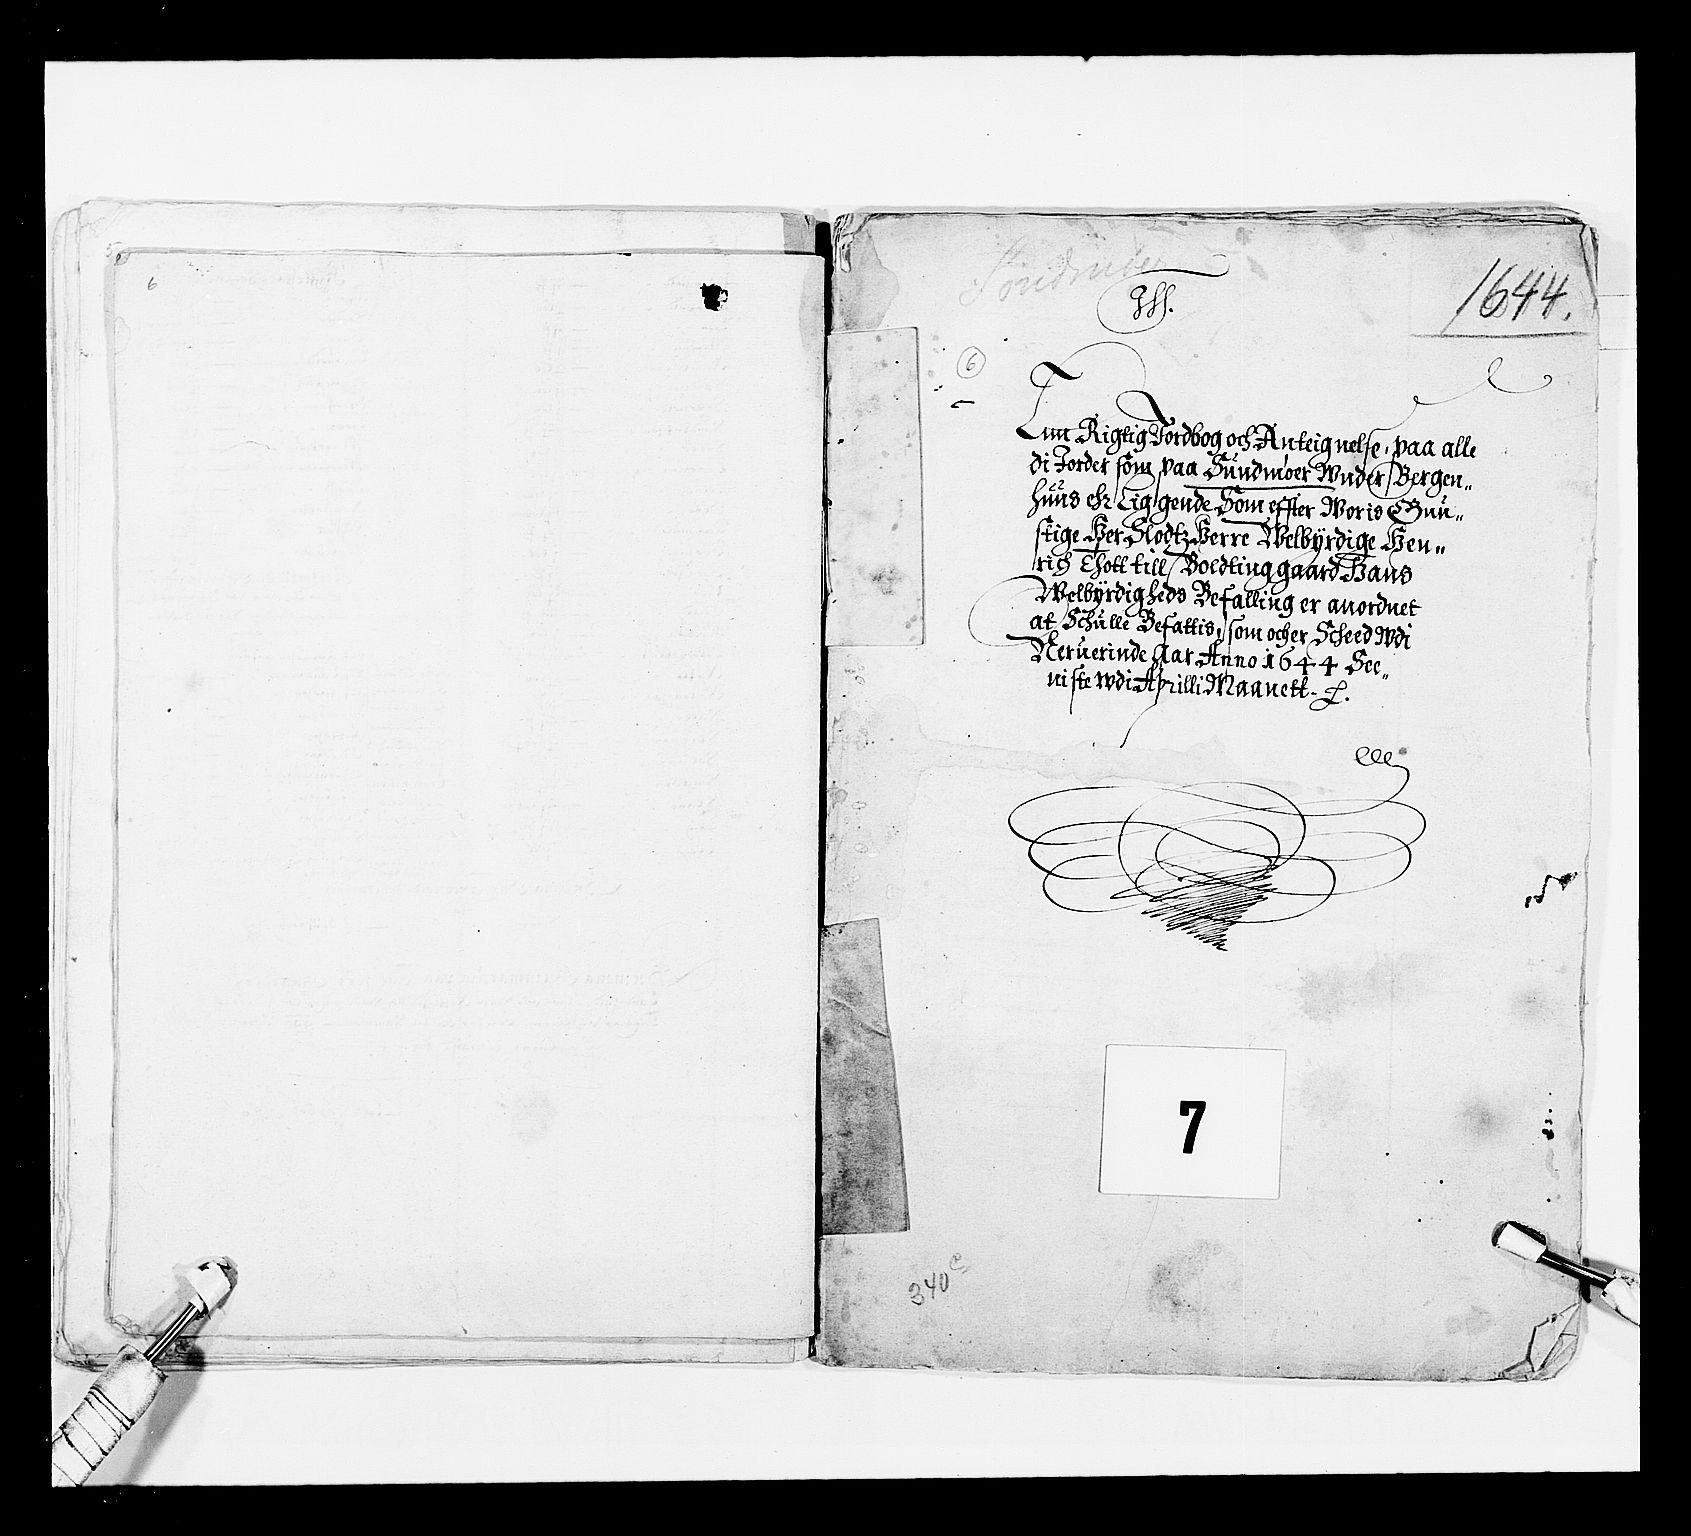 RA, Stattholderembetet 1572-1771, Ek/L0024: Jordebøker 1633-1658:, 1644, s. 49